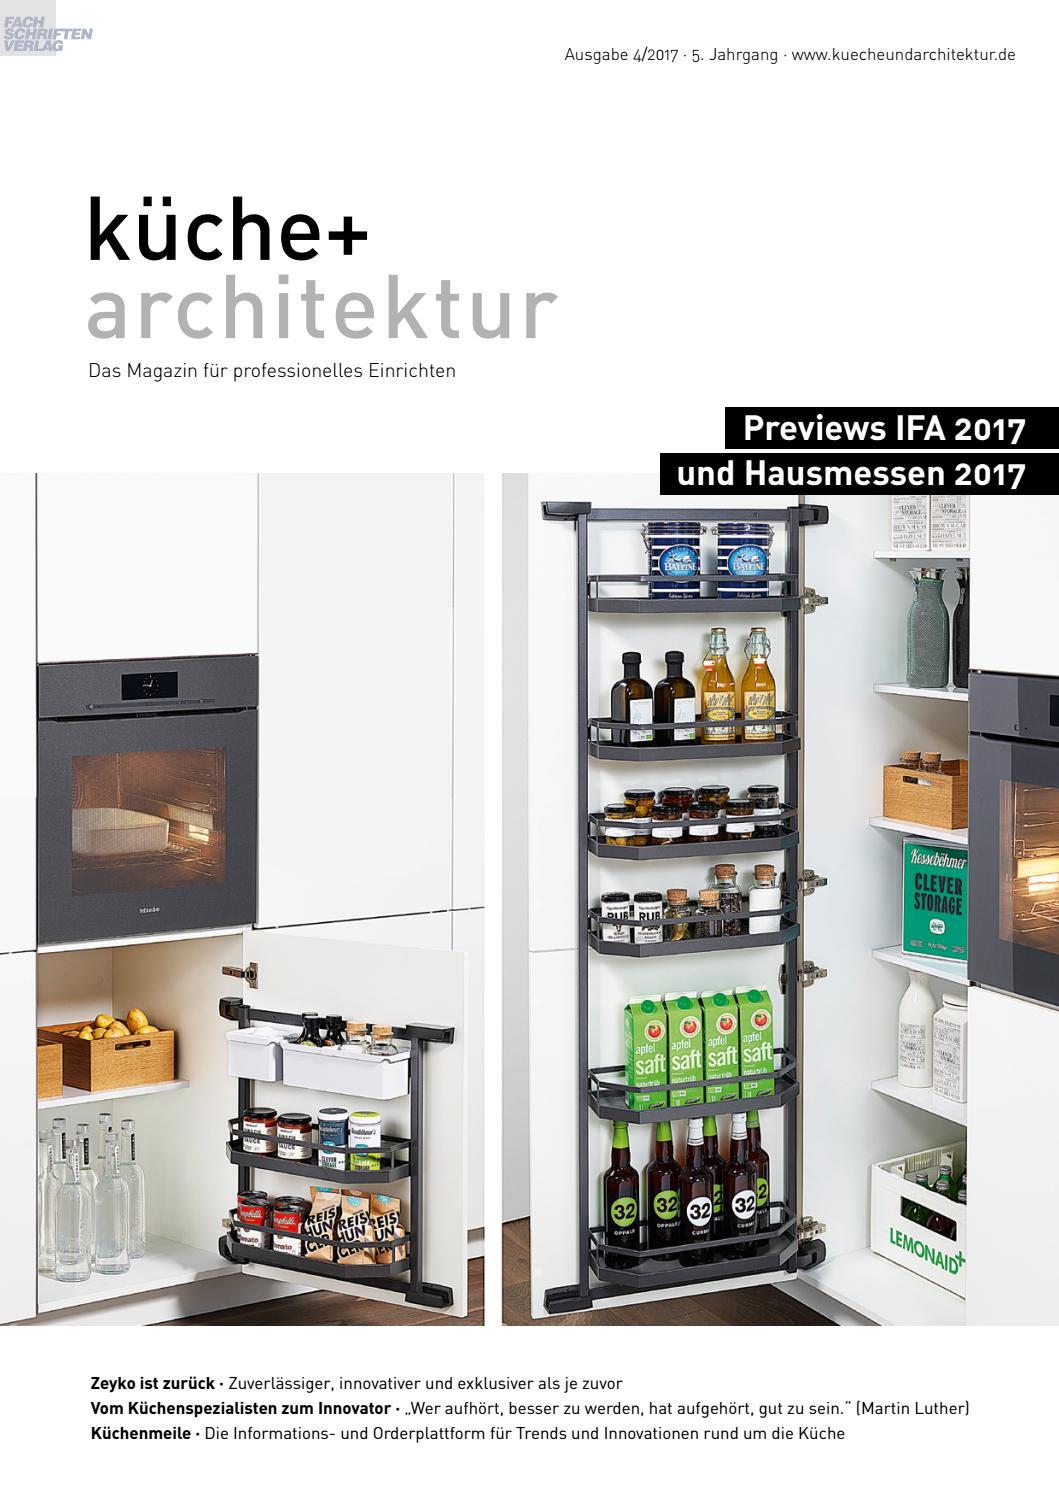 küche + architektur 4/2017 by Fachschriften Verlag - issuu